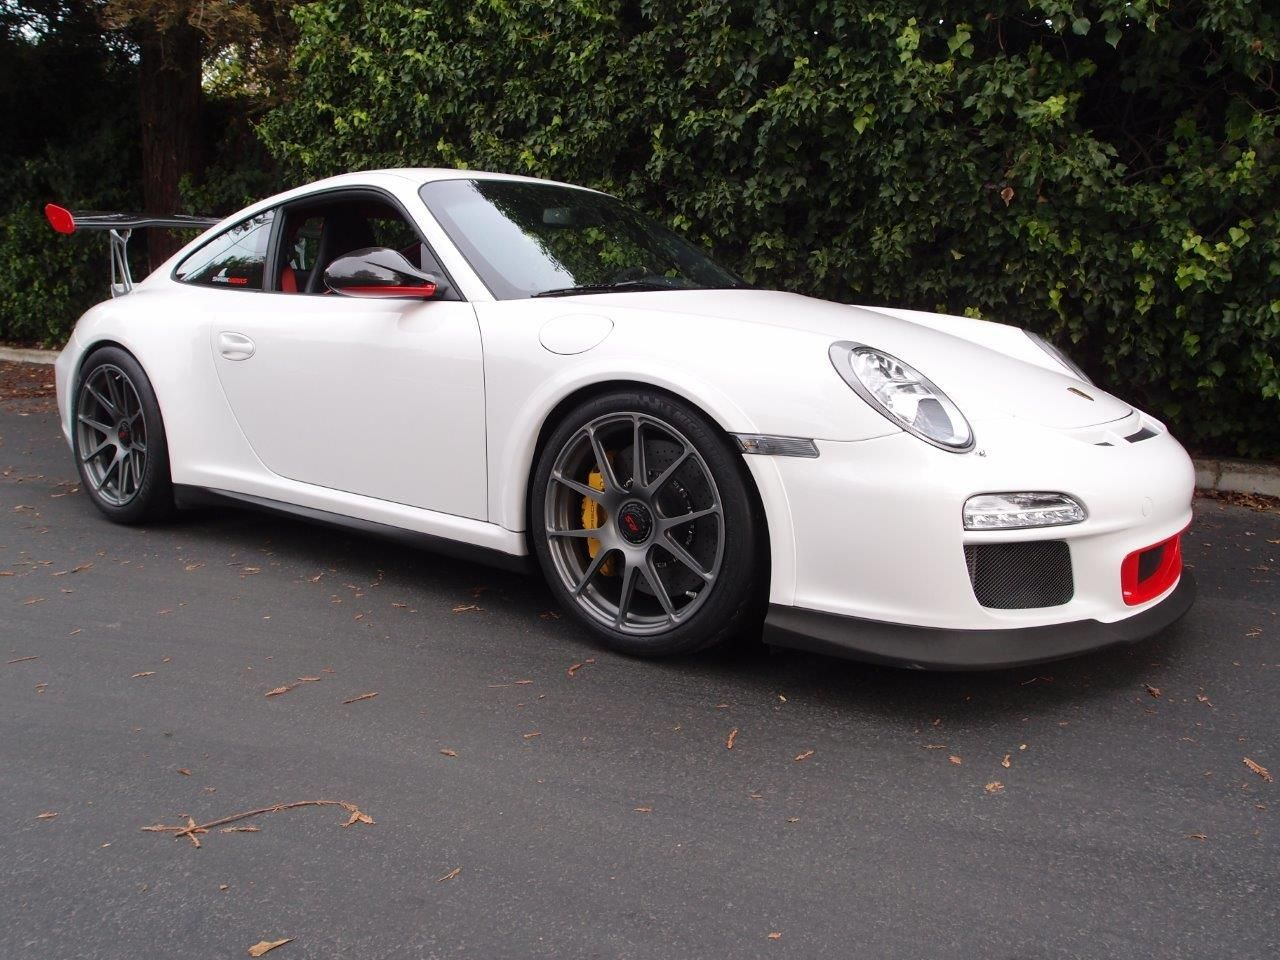 2011 Porsche 911 | Sharkwerks Porsche GT3RS on Center Locking Forgeline One Piece Forged Monoblock GA1R Wheels